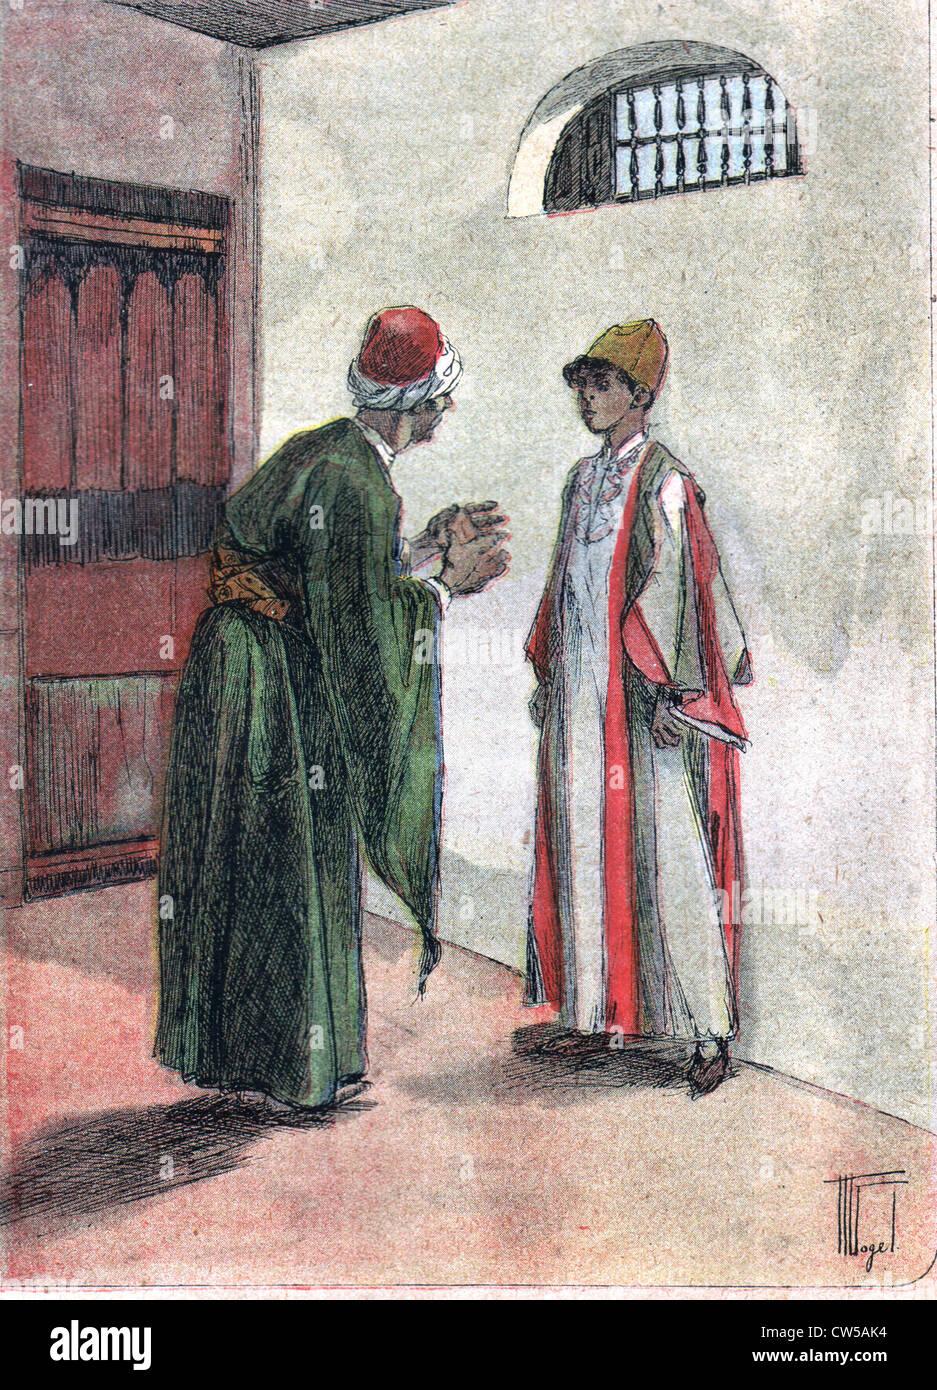 """Illustrazione del racconto """"Hadji's Revenge' da A. Hesse in 'Msu ufficiale di 23-9-1911 Immagini Stock"""